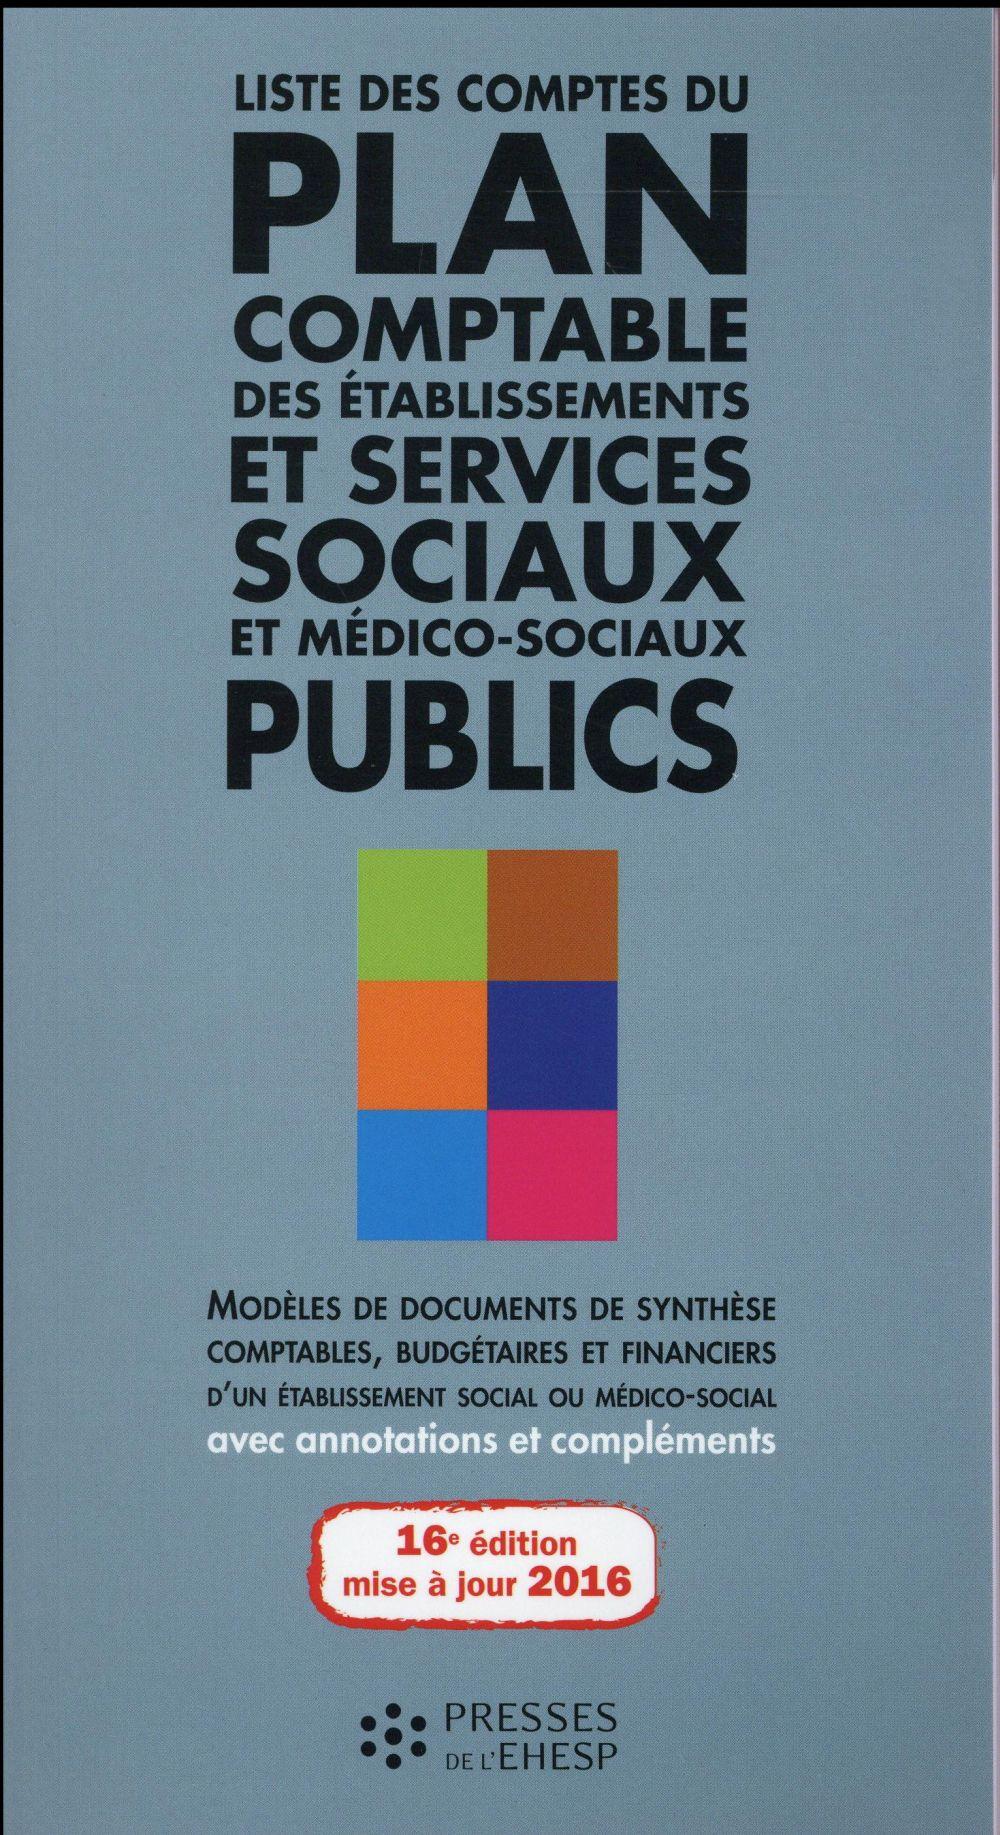 Liste des comptes du plan comptable des etablissements et services sociaux et me